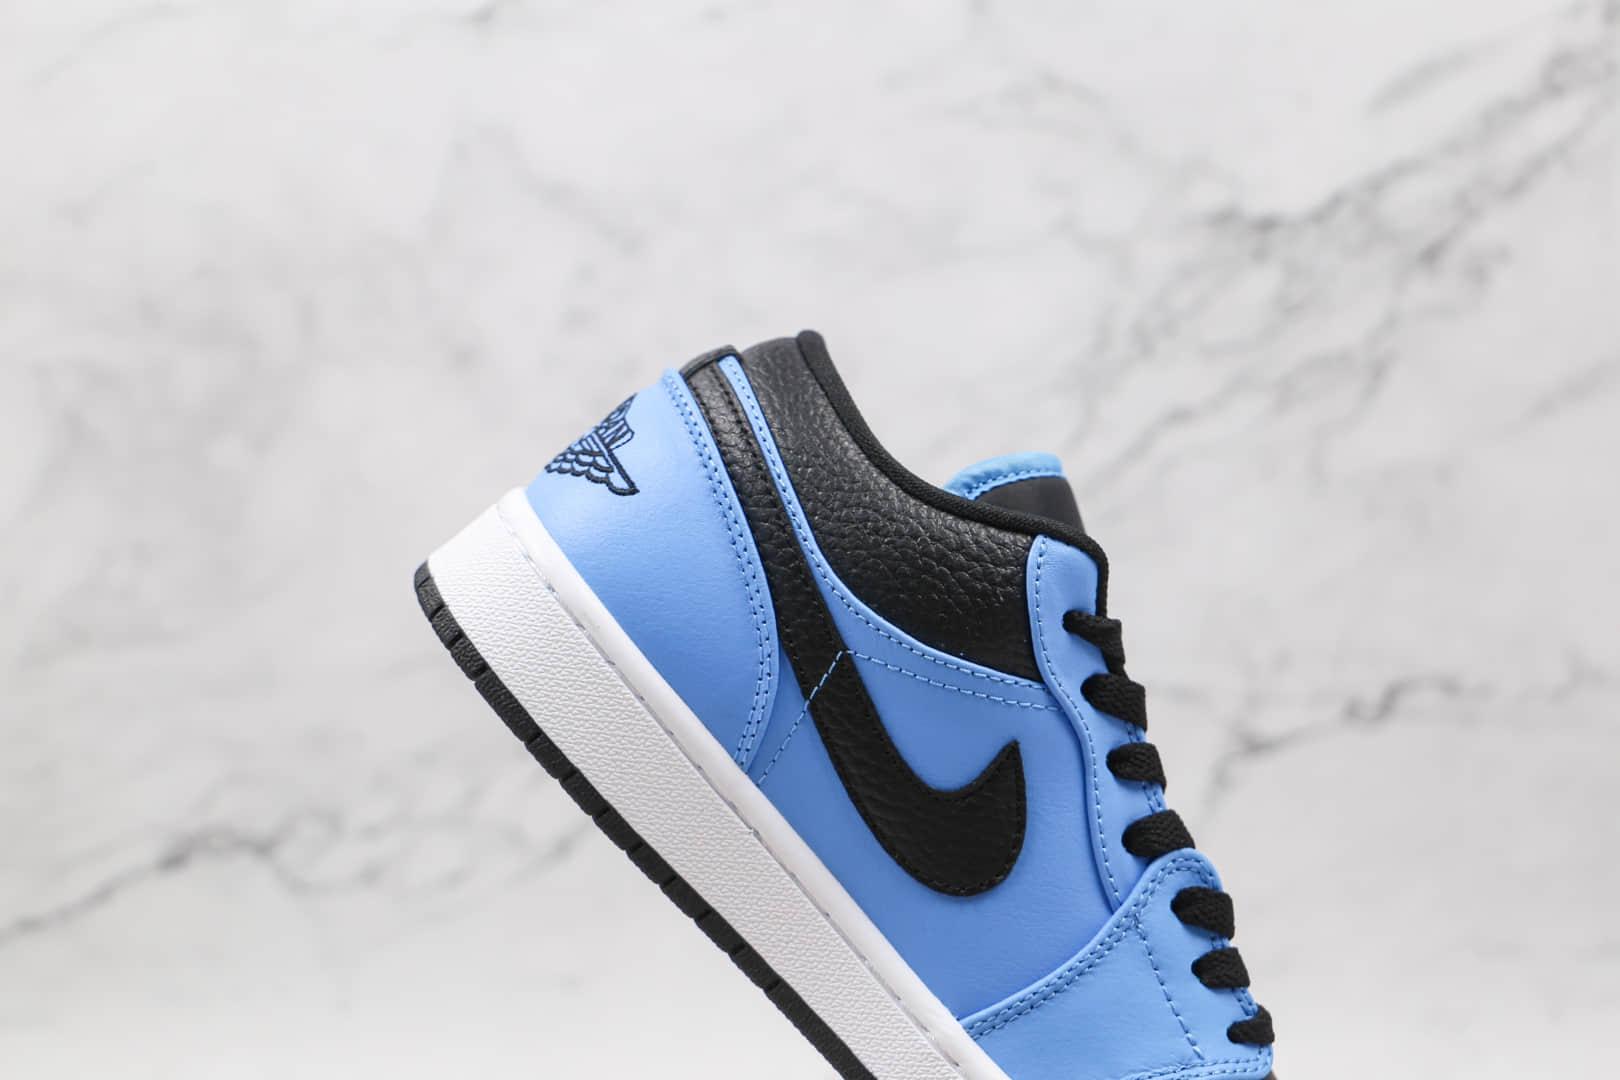 乔丹Air Jordan 1 Low纯原版本低帮AJ1黑蓝小闪电板鞋原盒原标 货号:553558-403